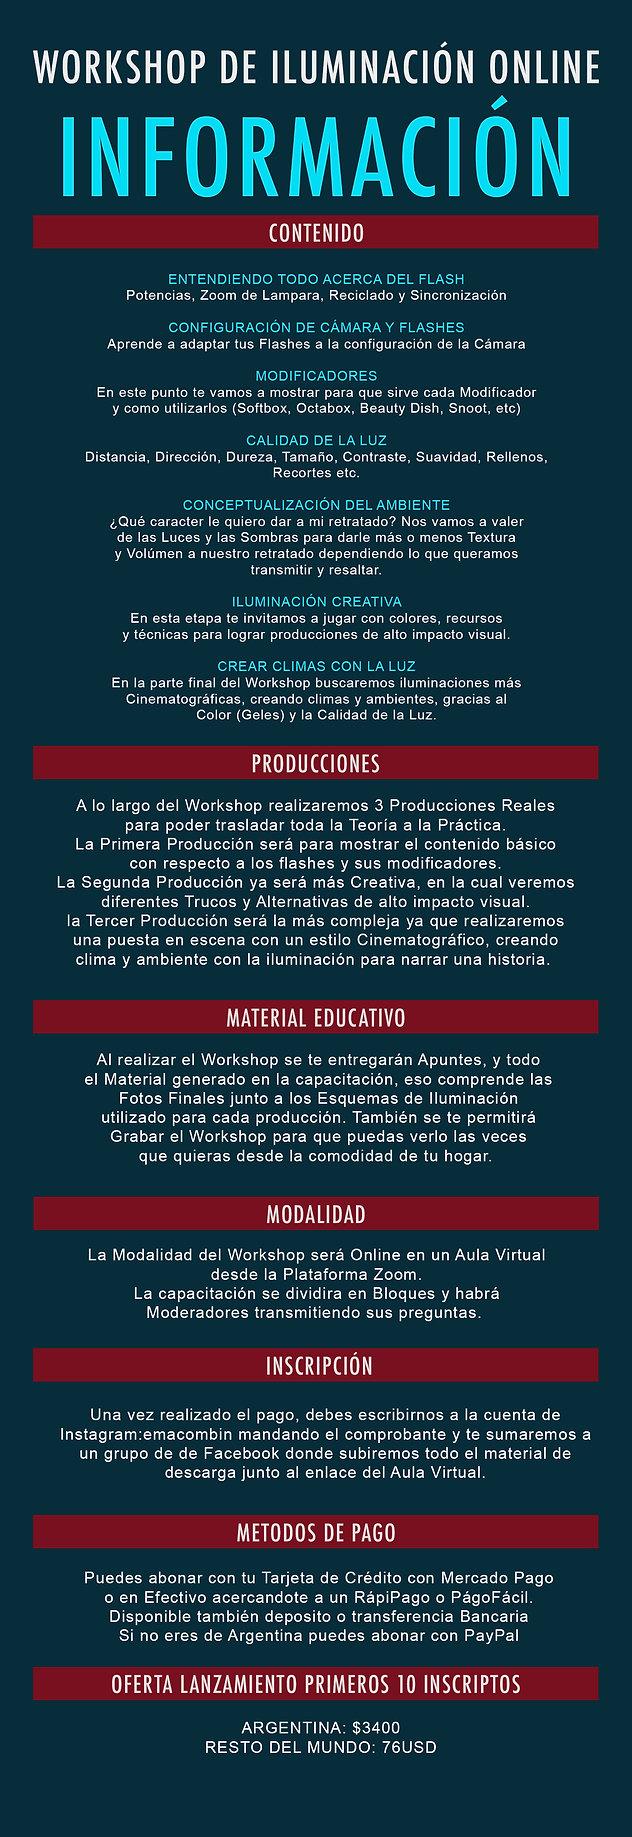 ILUMINACIÓN-ONLINE-INFORMATIVO-EDITABLE.